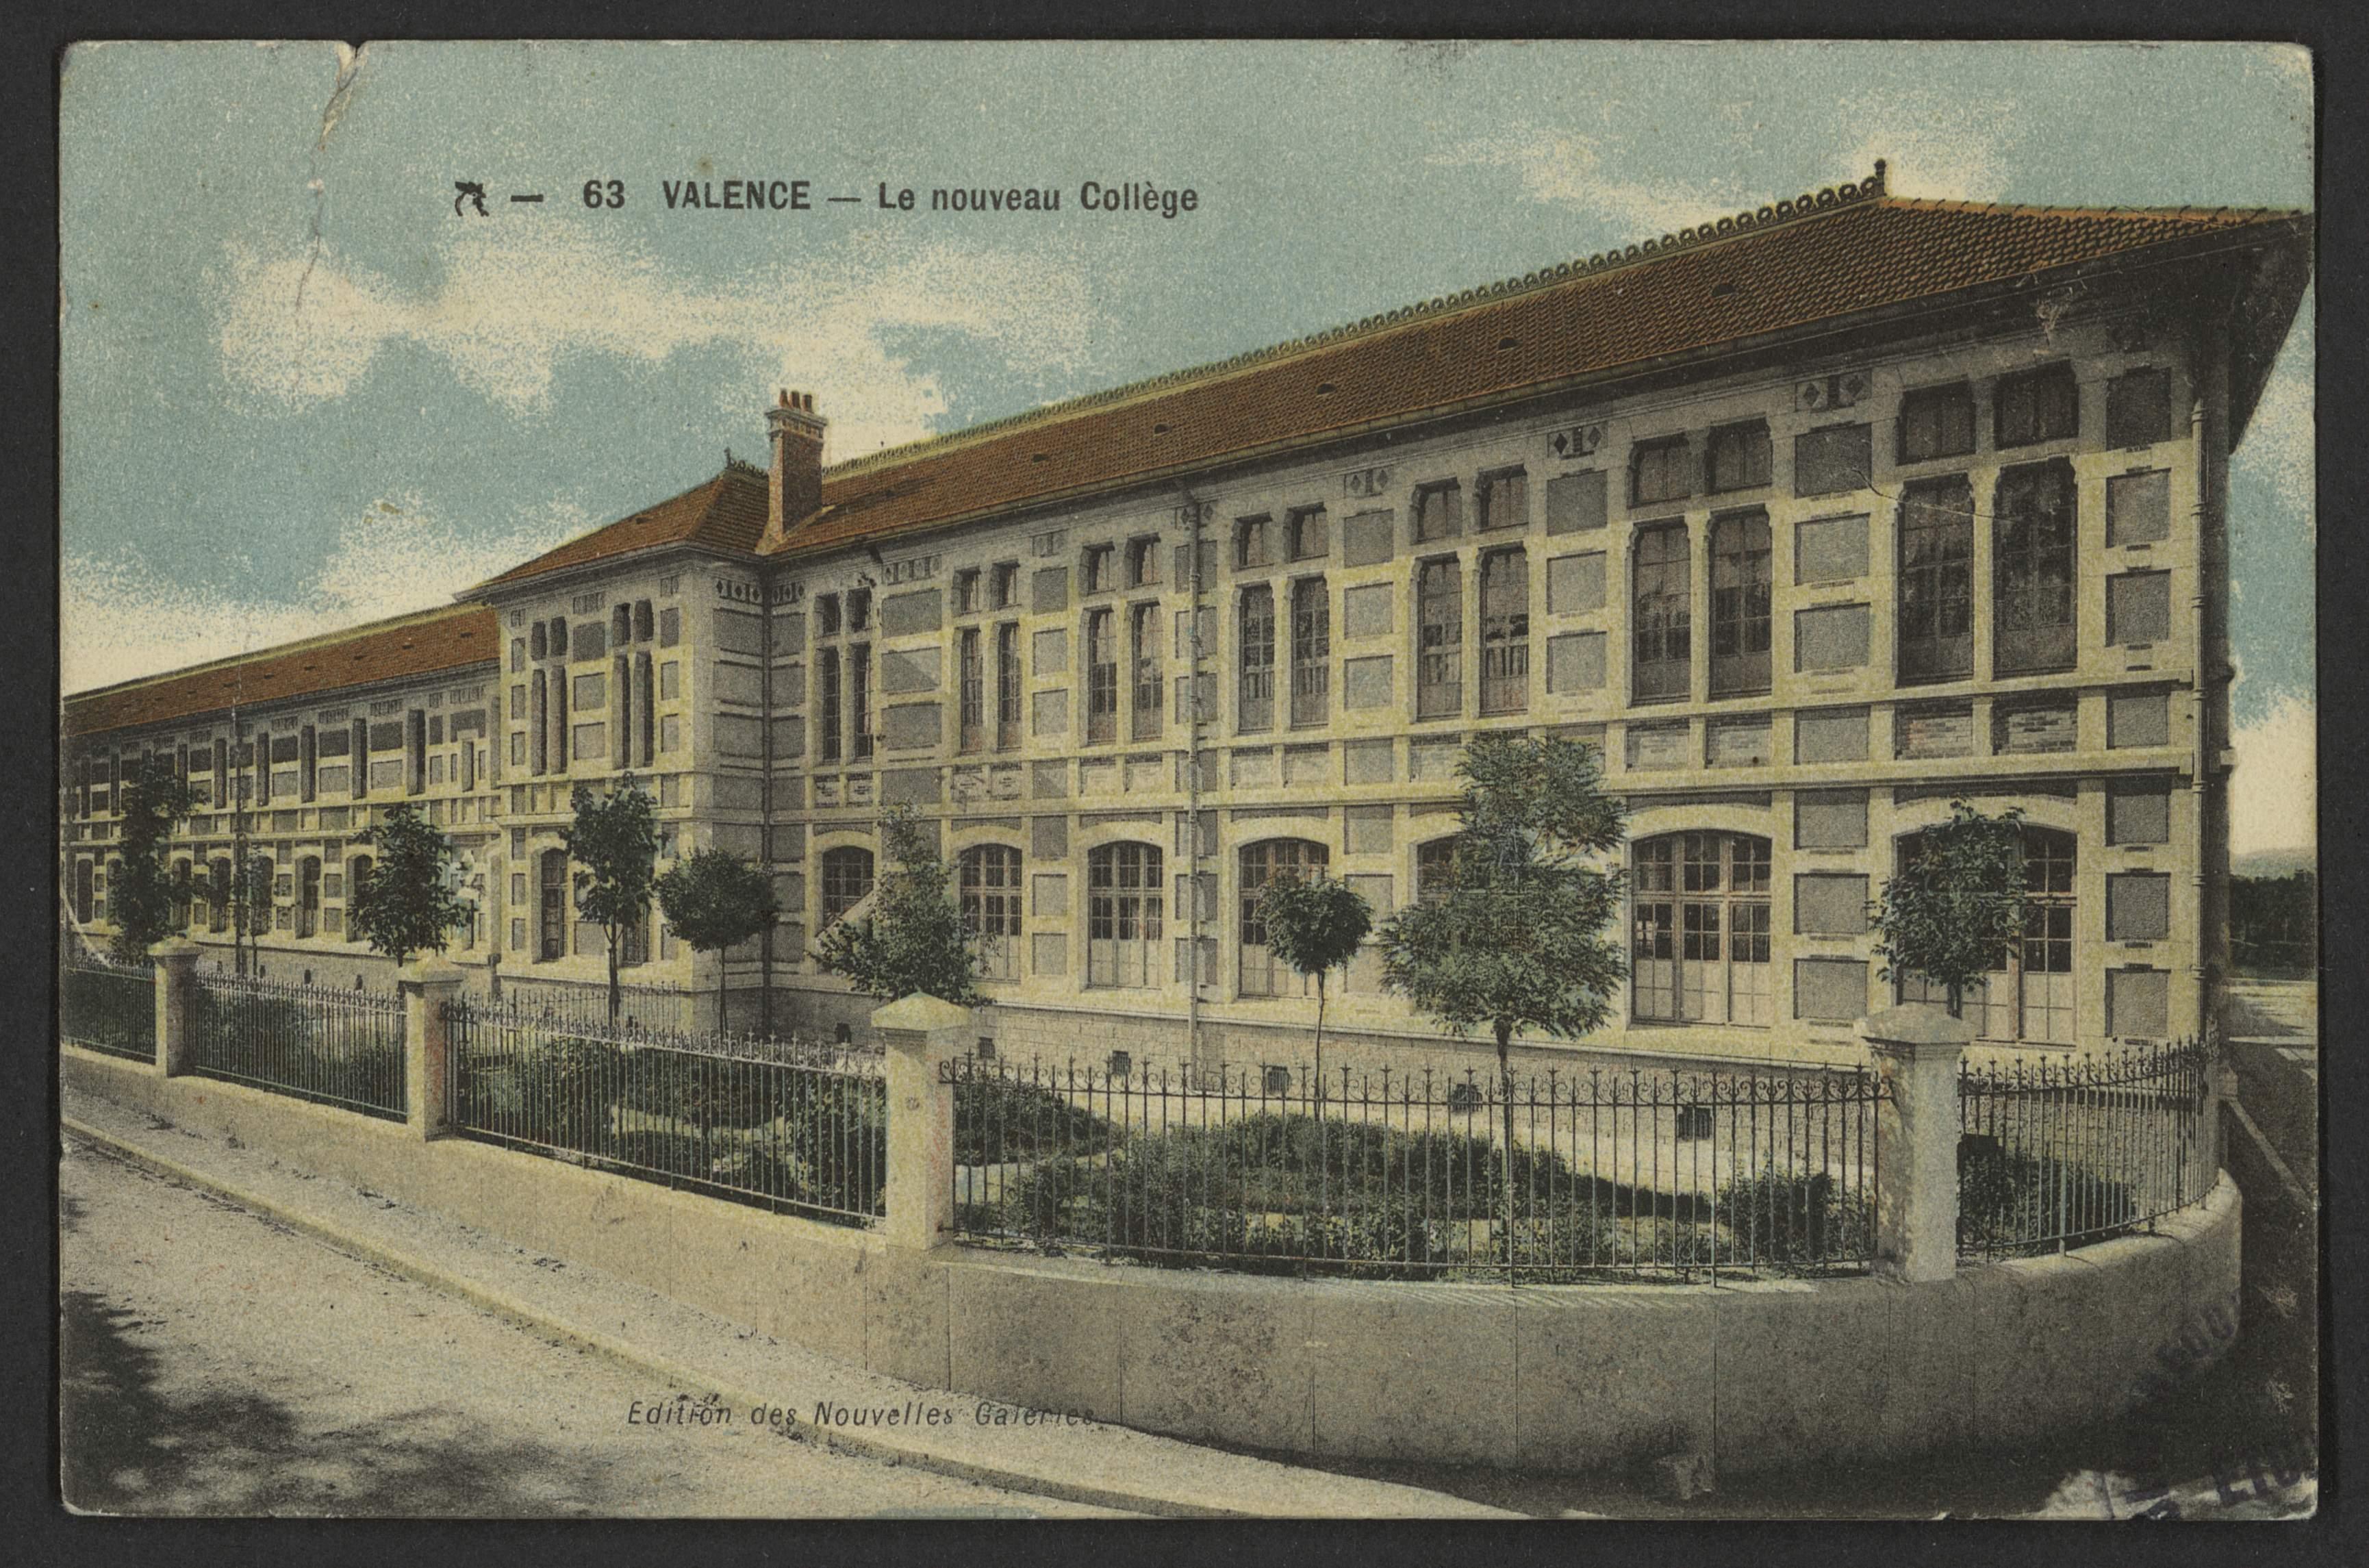 Valence - Le Nouveau Collège